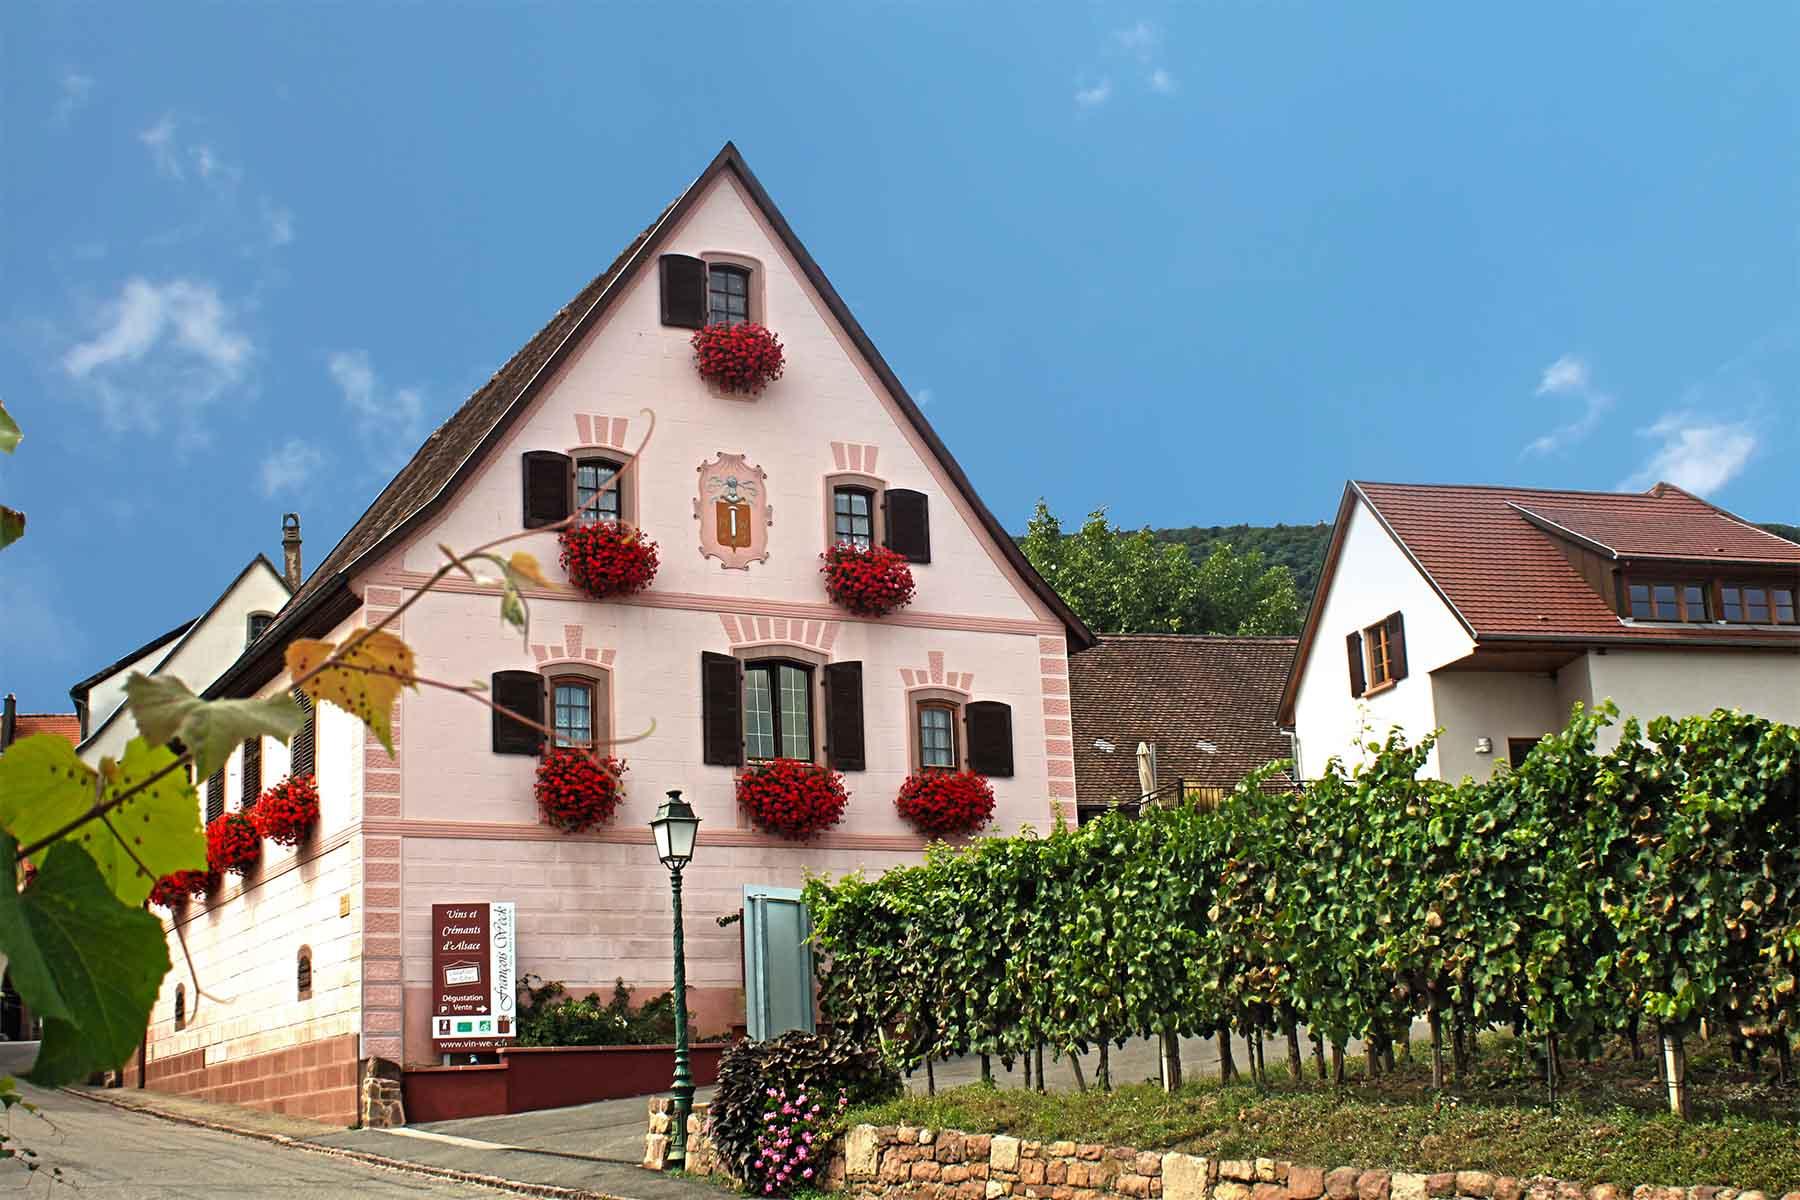 Vins François Weck et Fils, Gueberschwihr, Pays de Rouffach, Vignobles et Châteaux, Haut-Rhin, Alsace